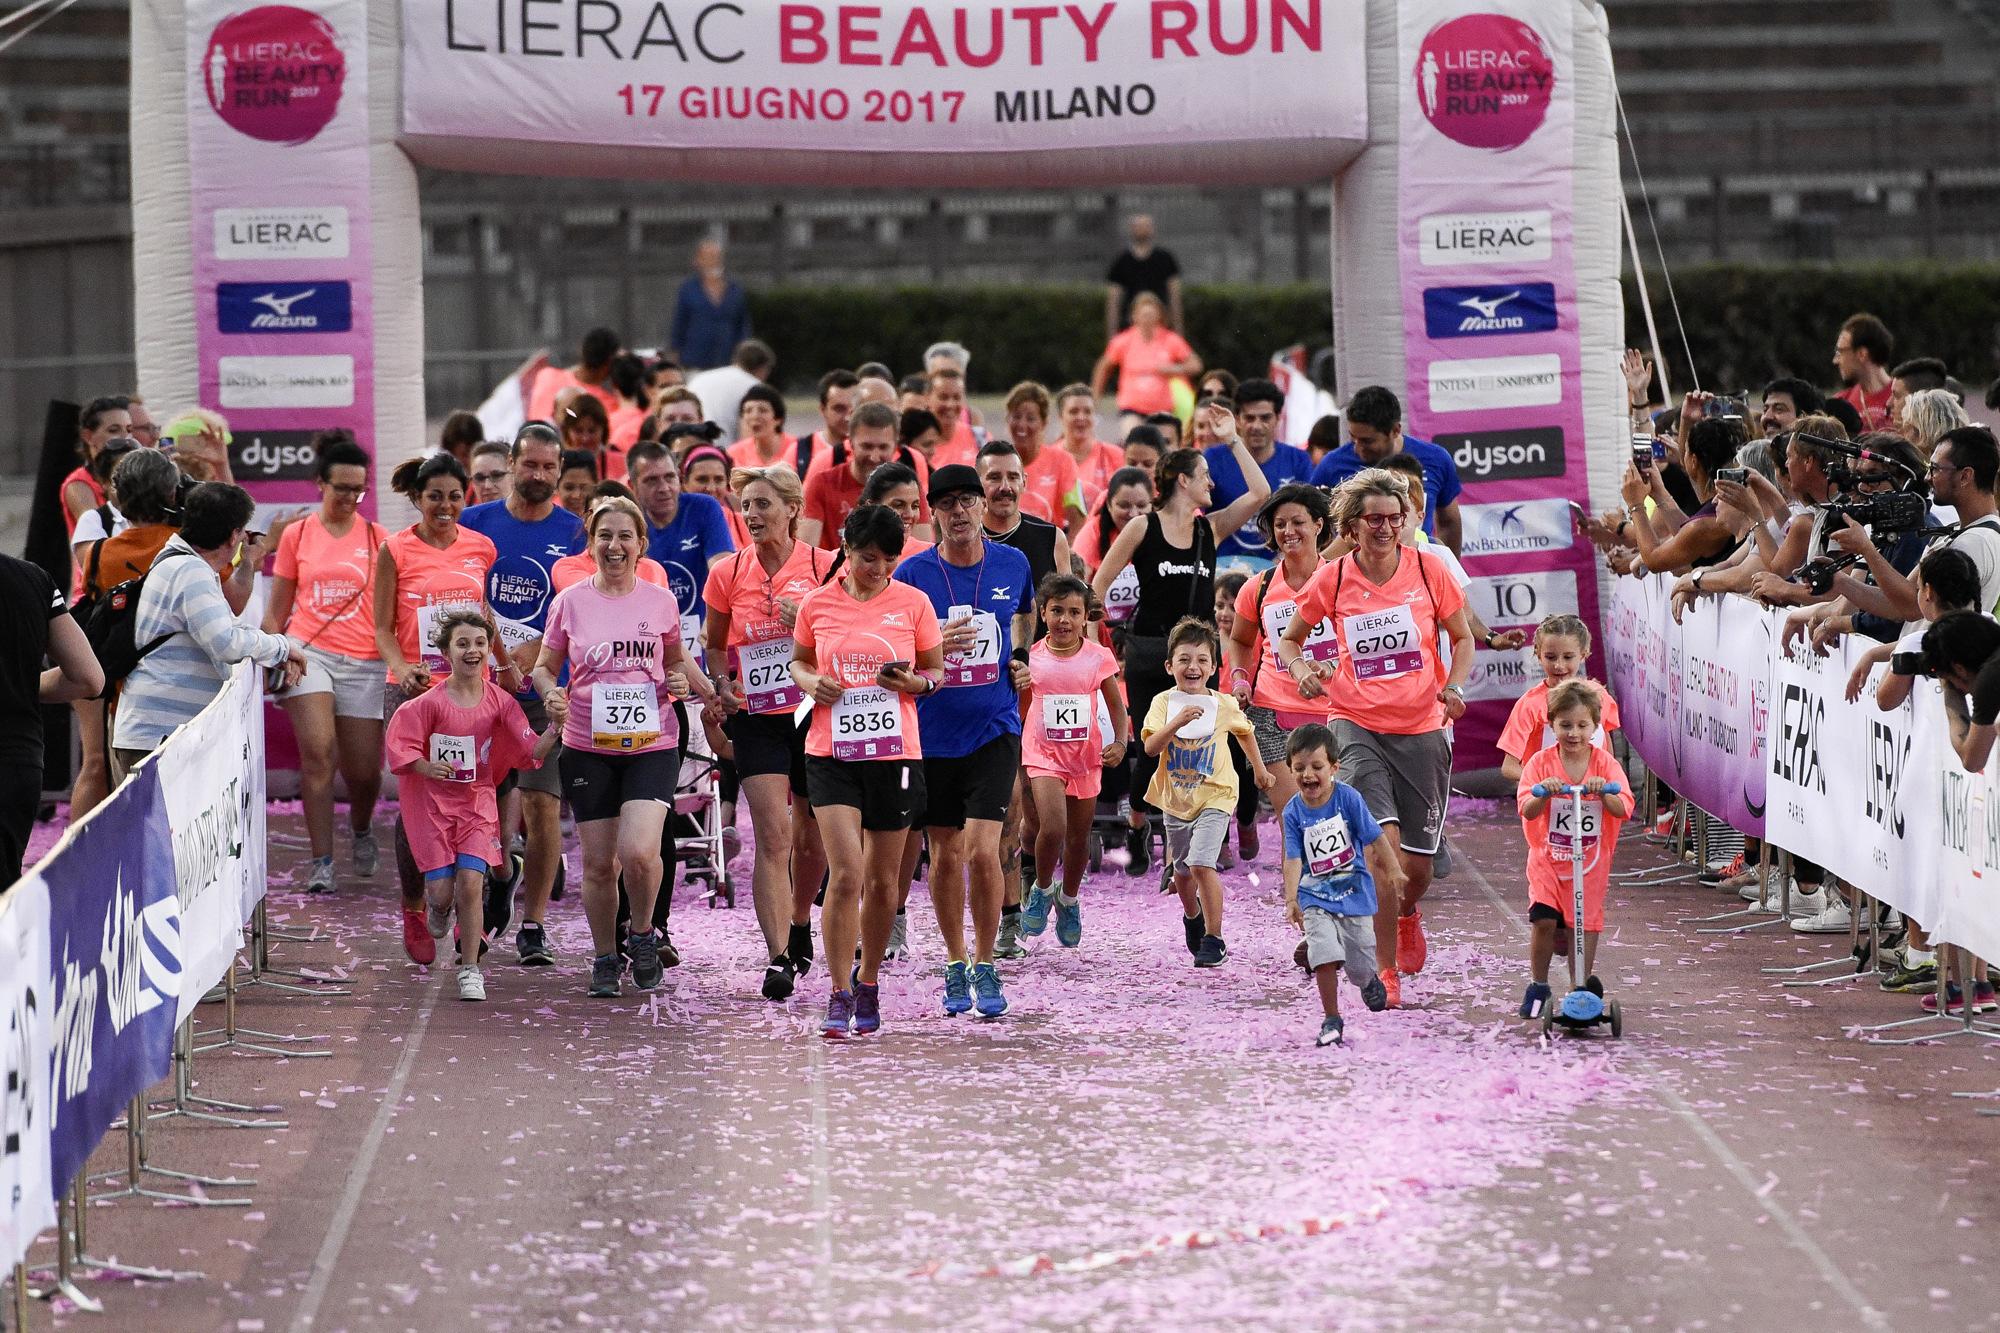 Foto LaPresse - Marco Alpozzi 17 06 2017 Milano ( Italia ) Sport Lierac Beauty Run 2017, la corsa dedicata alle donne.